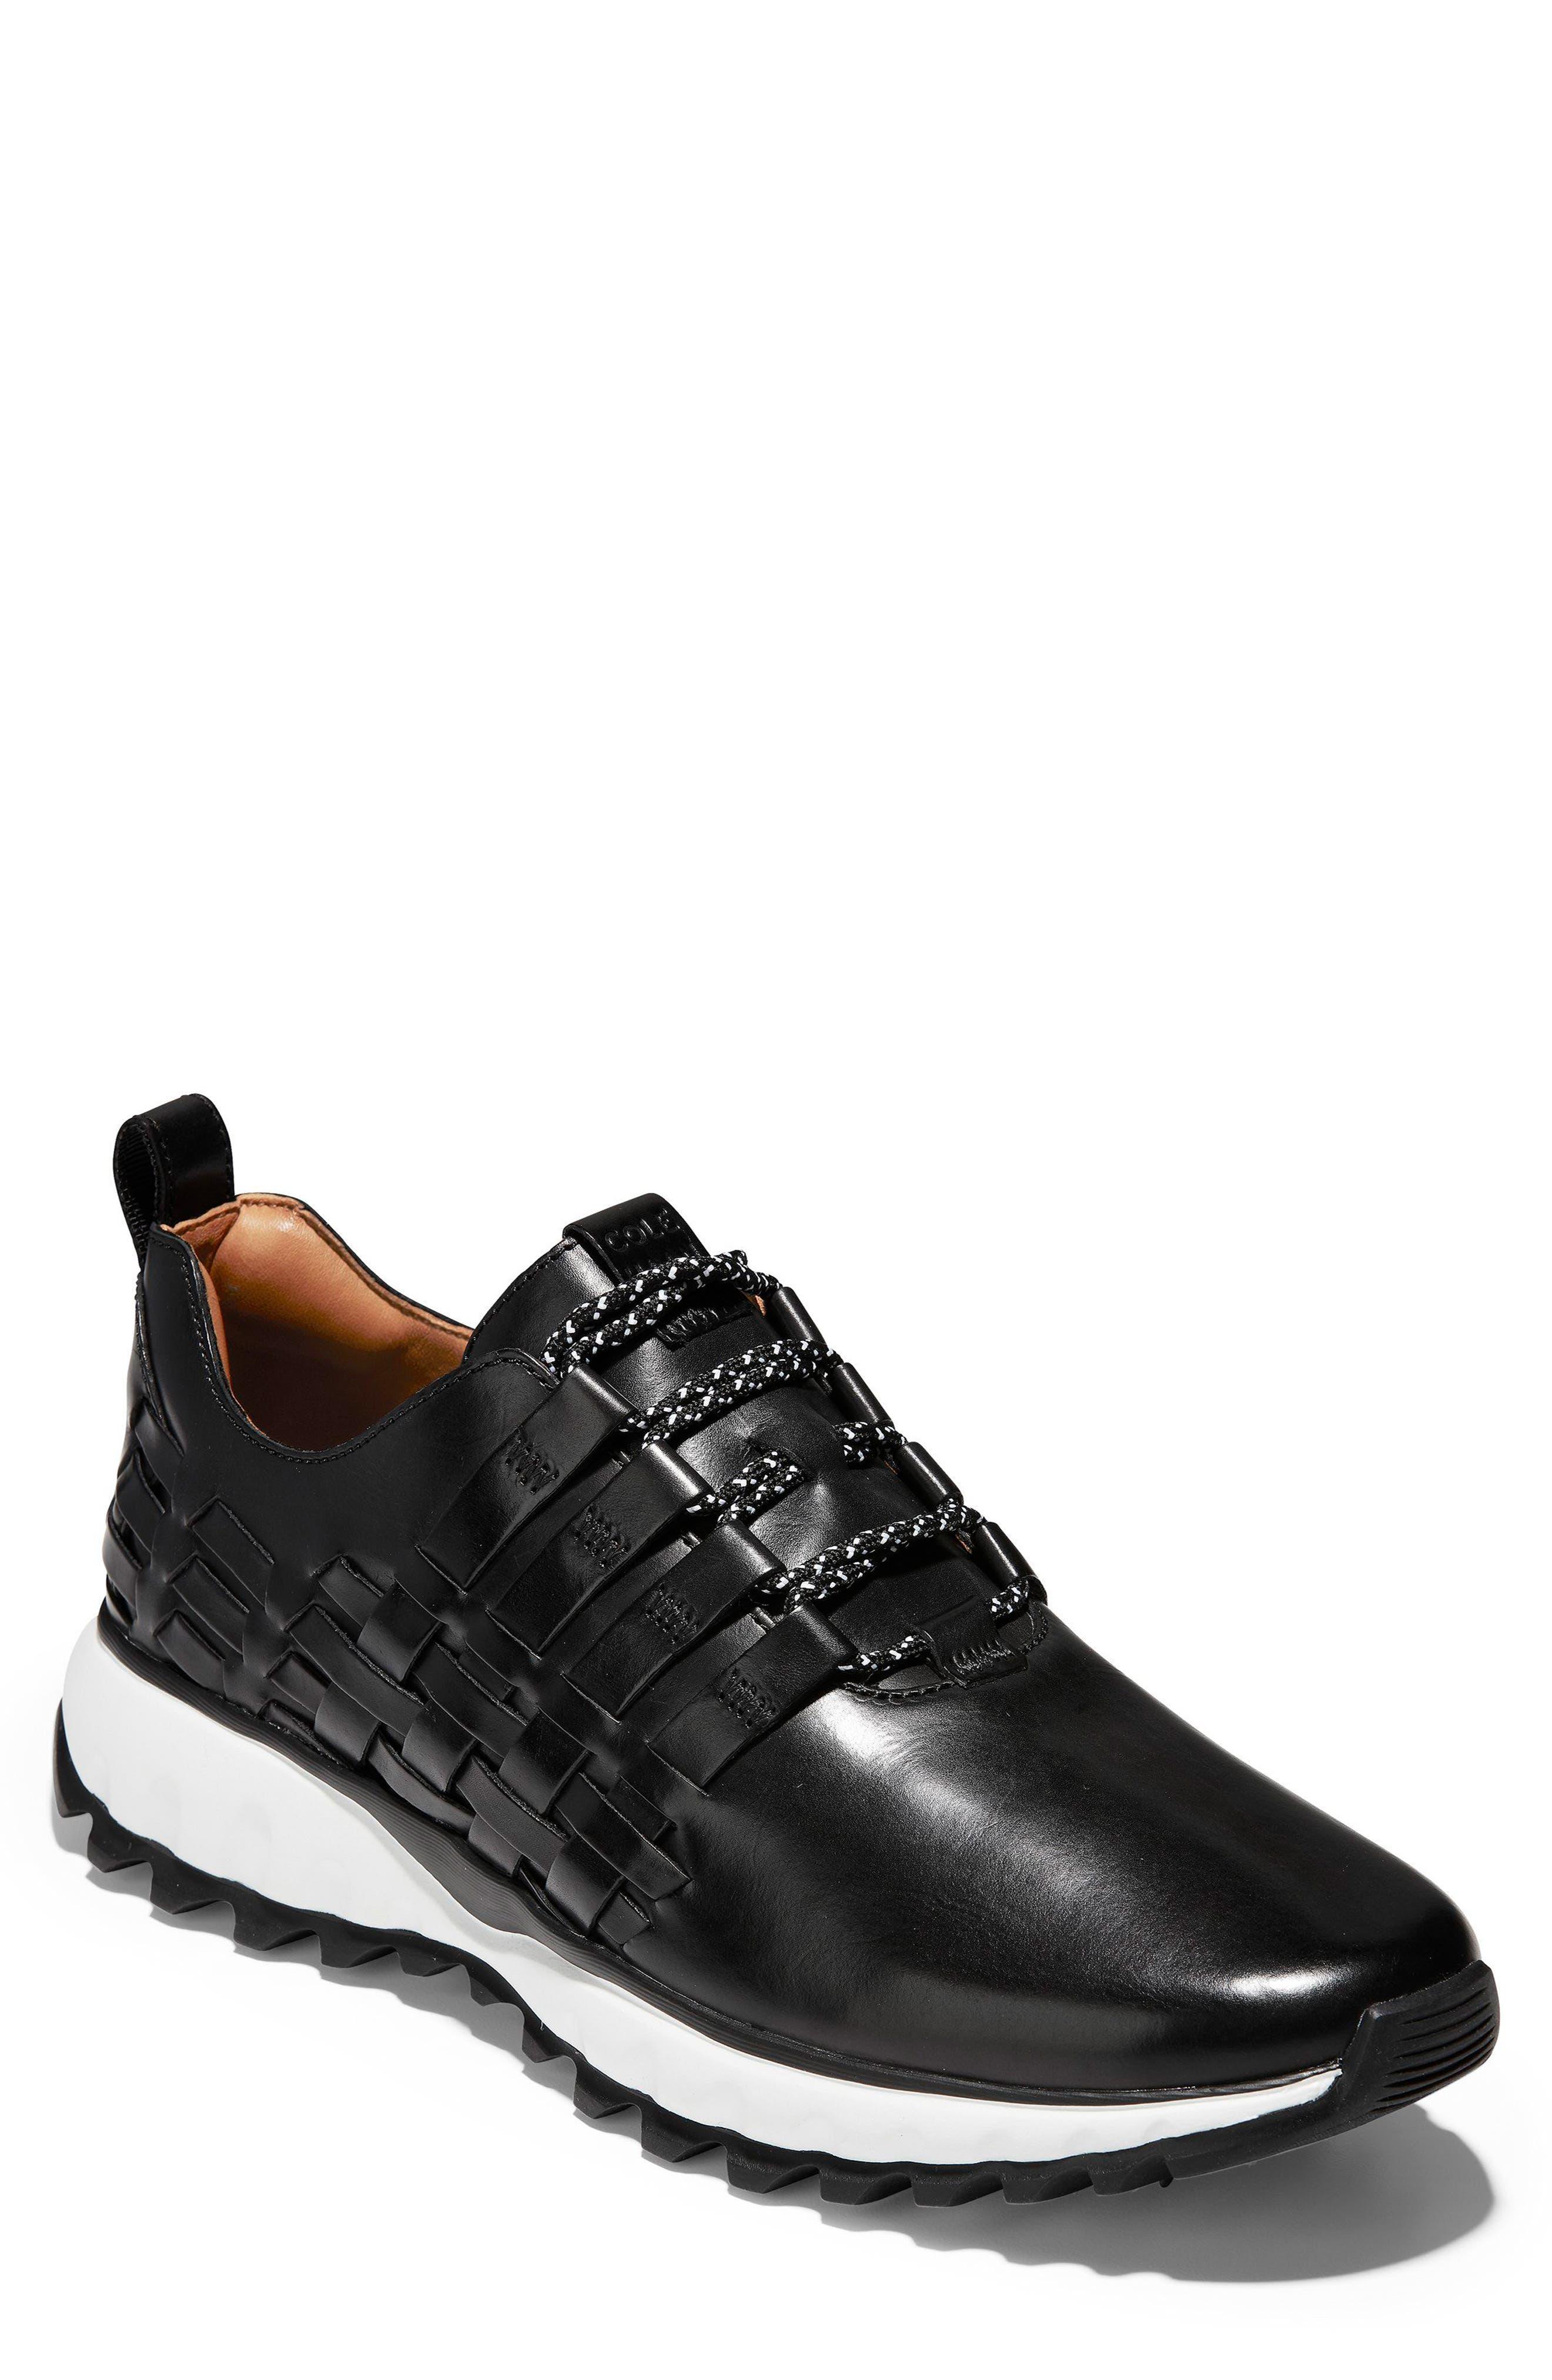 GrandExplore All Terrain Woven Sneaker,                         Main,                         color,